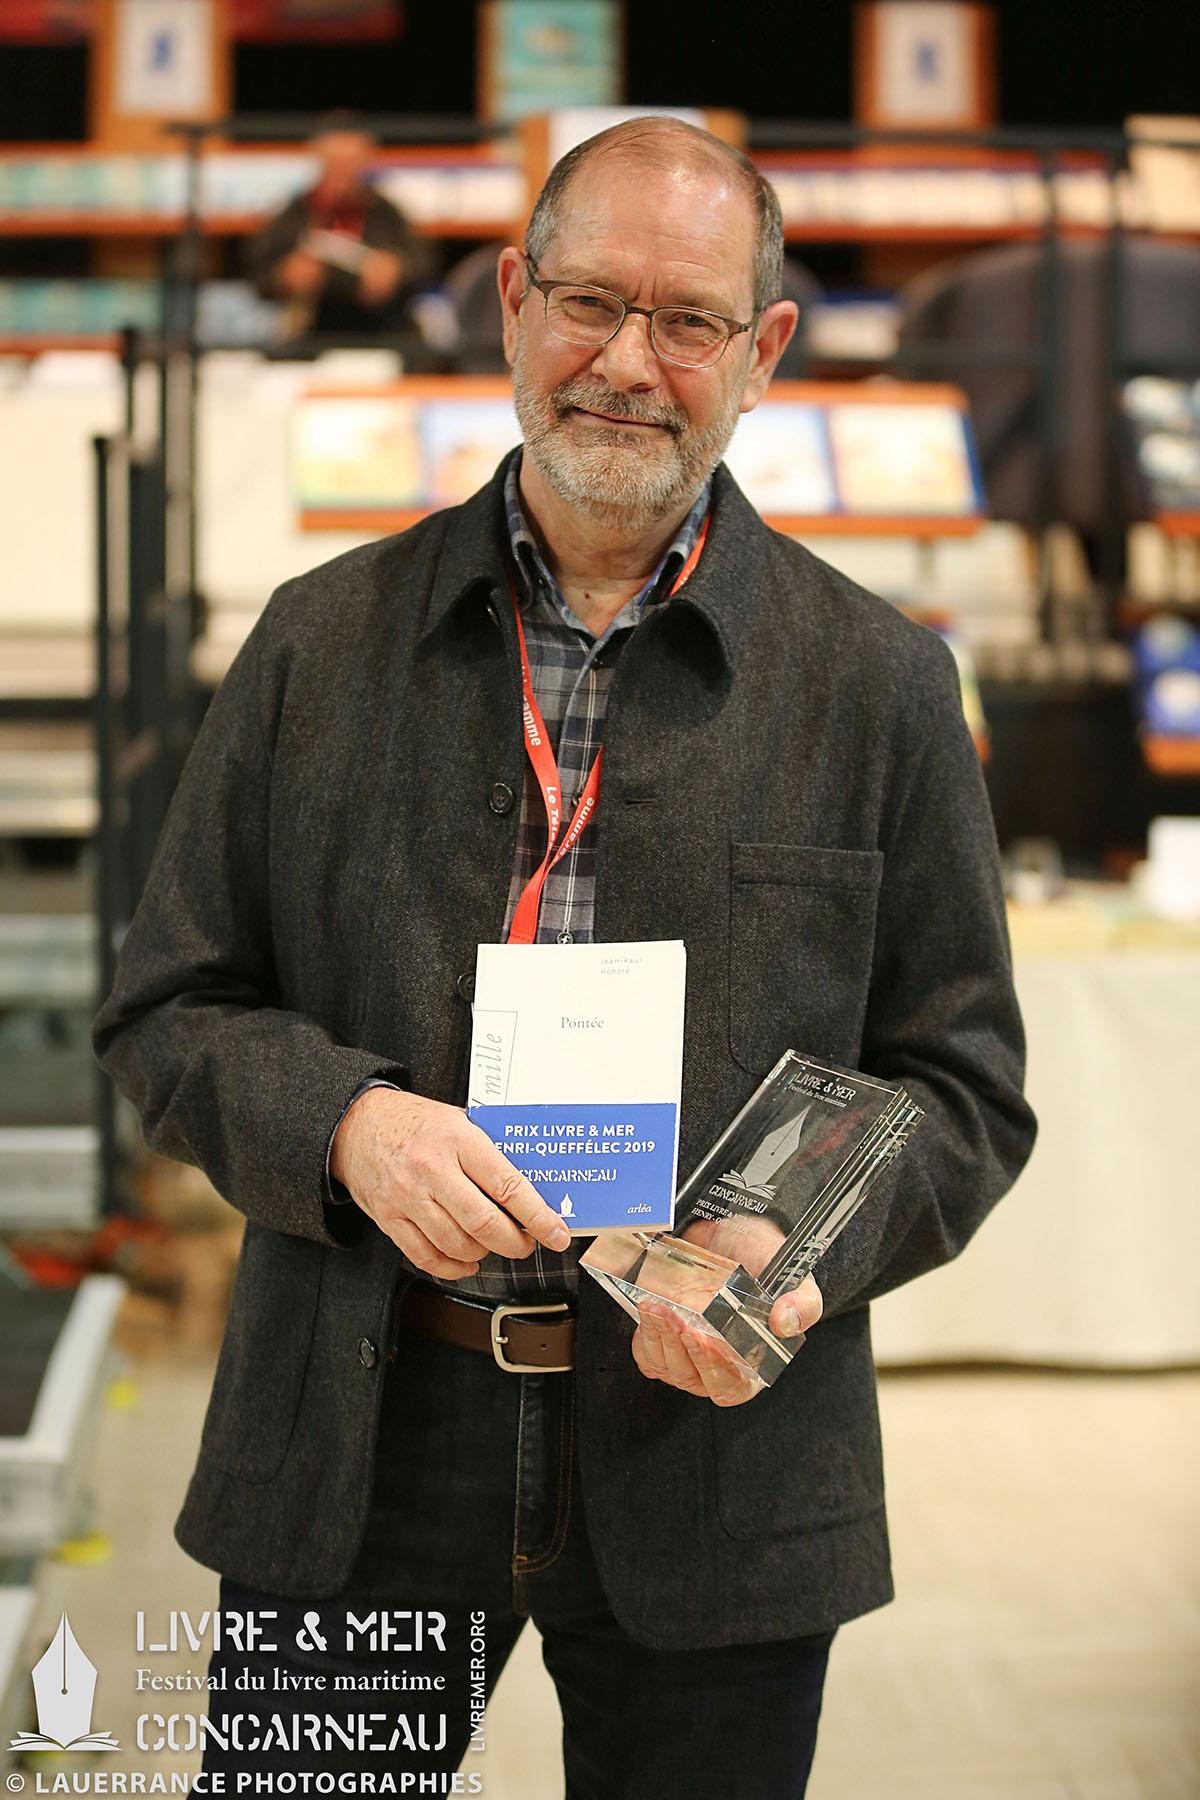 Jean-Paul Honoré, Prix Livre & Mer Henri-Queffélec 2019 © Lauerrance Photographies